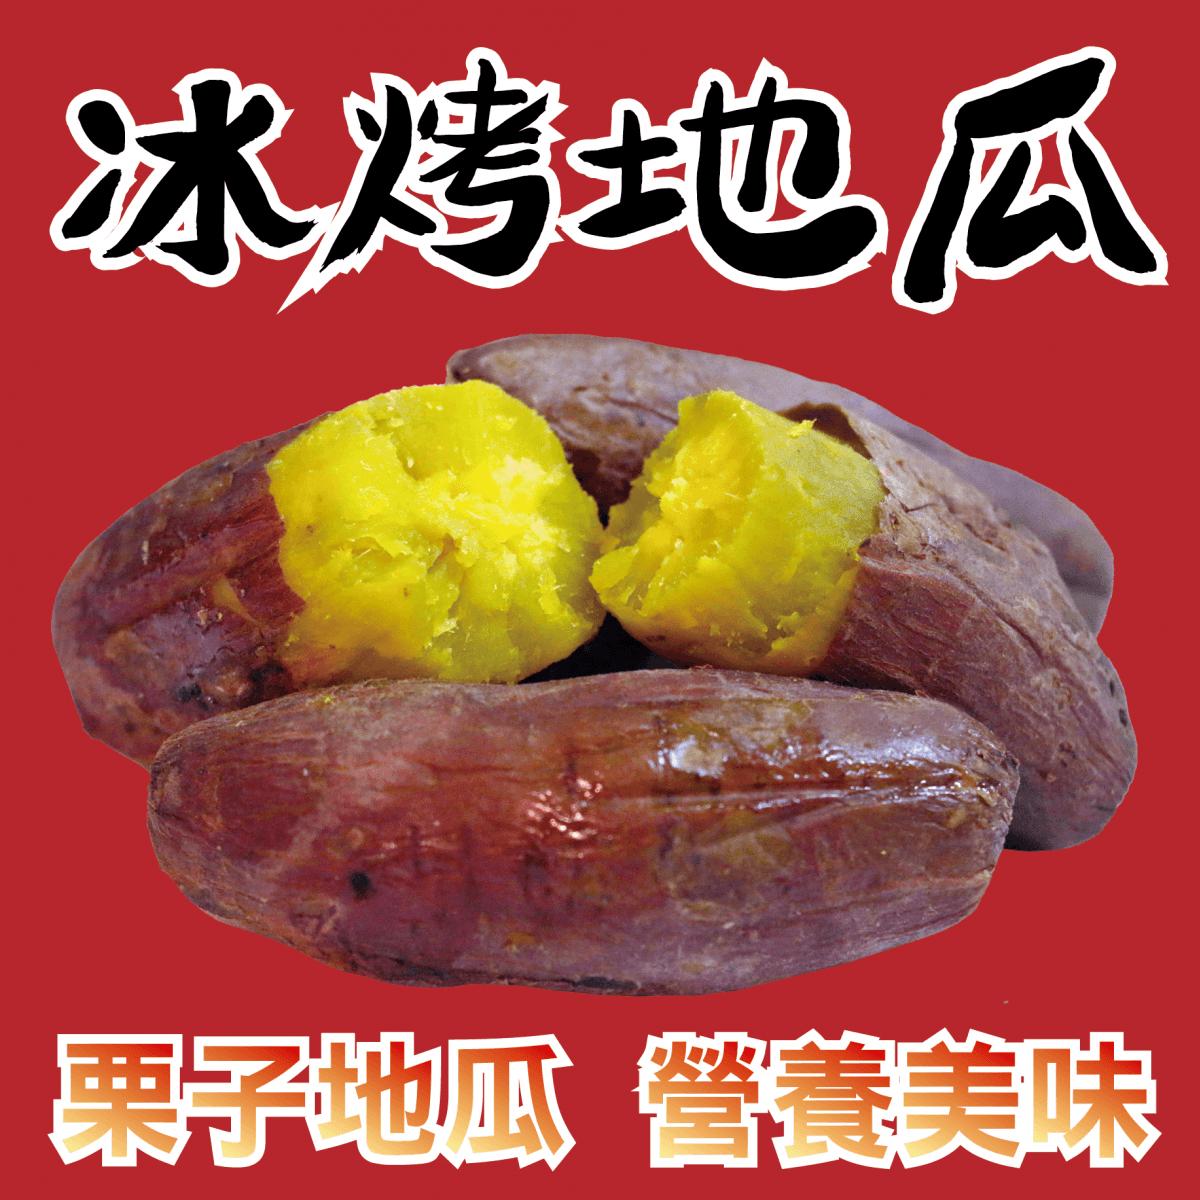 【田食原】新鮮栗子冰烤地瓜 800g 日本品種  養生健康 減醣必備 健身餐  低熱量 低GI 0